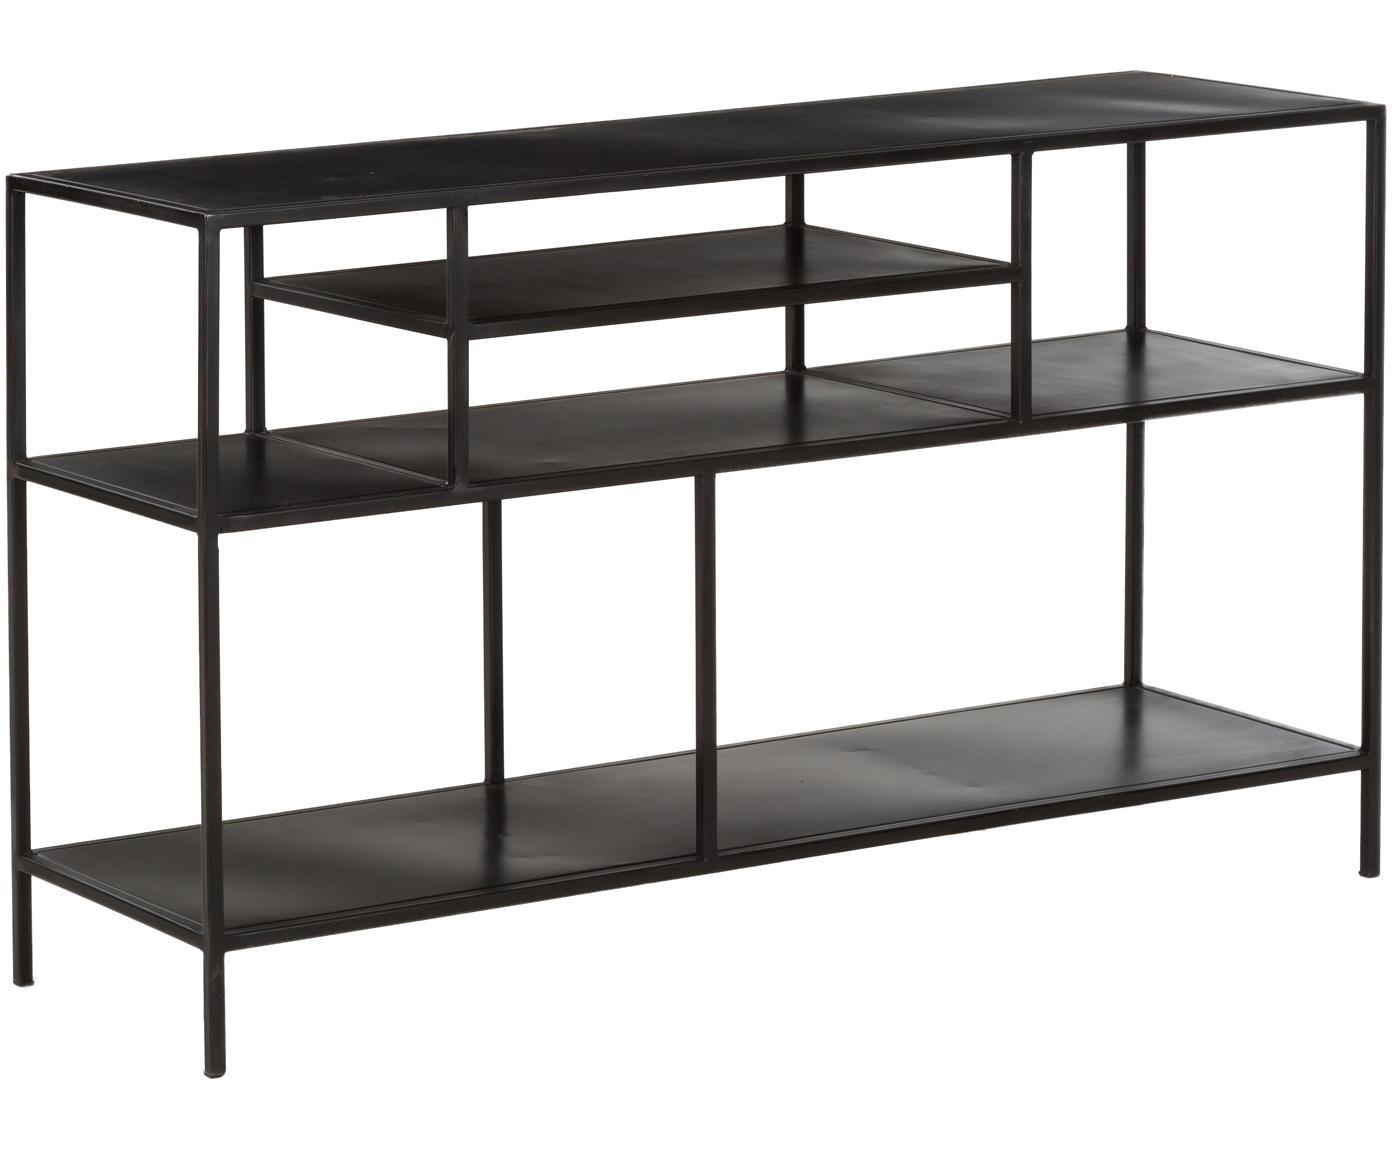 Libreria in metallo nero Display, Metallo verniciato a polvere, Nero, Larg. 130 x Prof. 74 cm